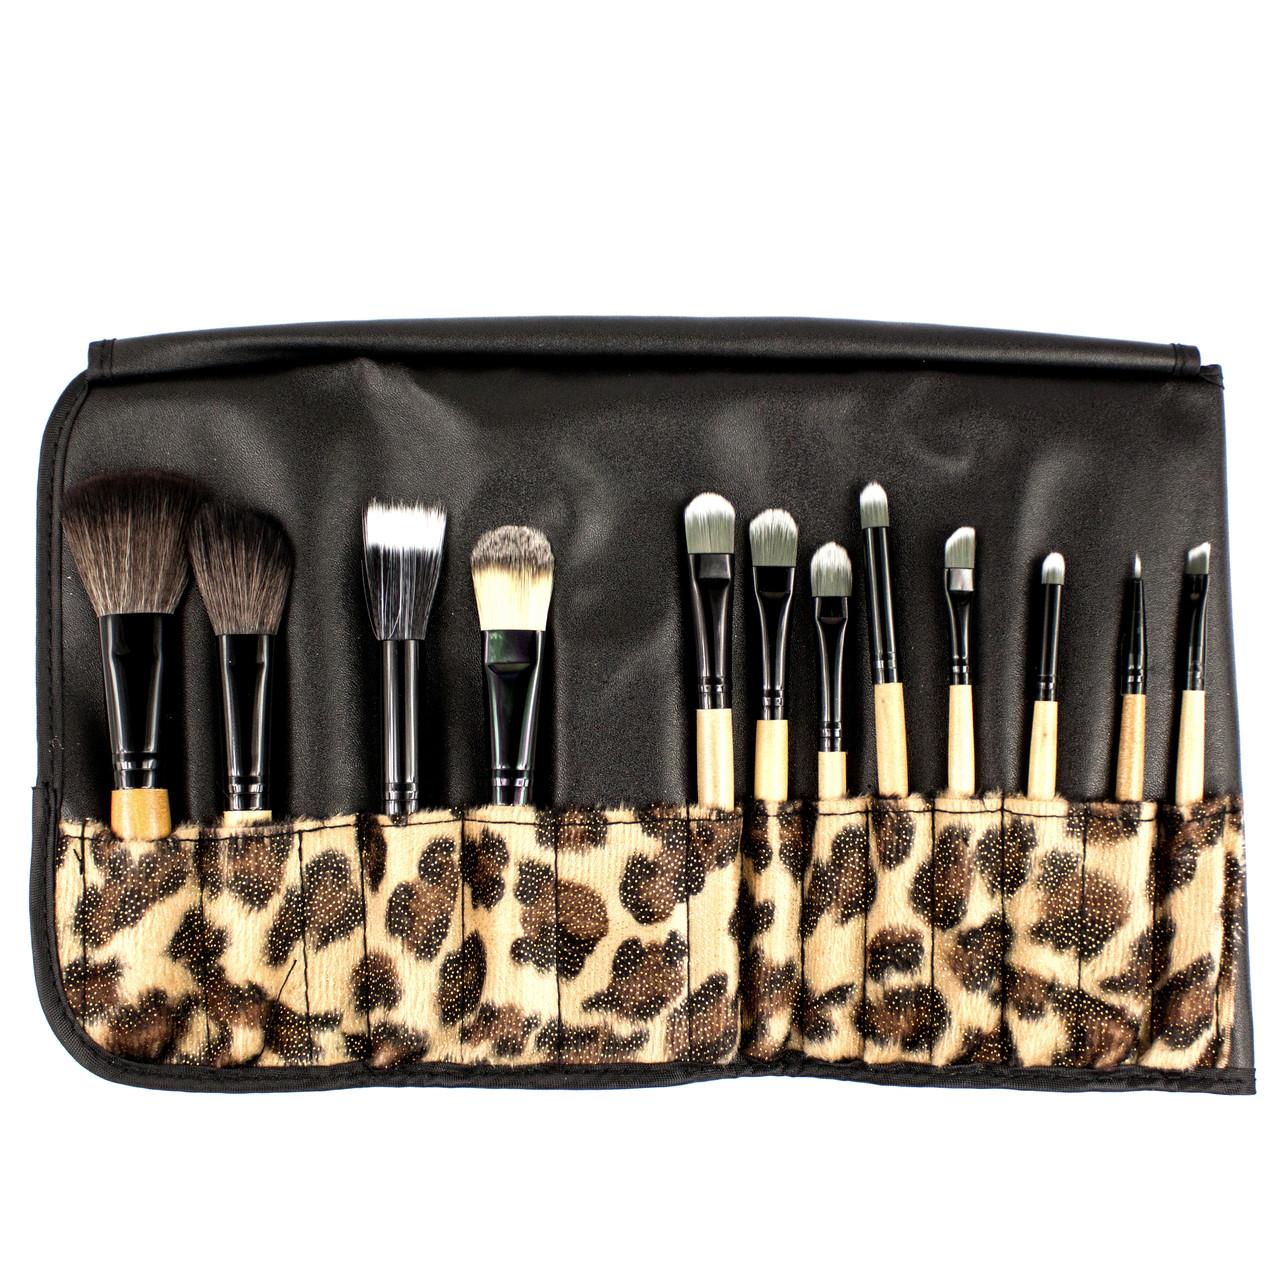 Набор из 12 кистей для макияжа в леопардовом чехле Beauties Factory Makeup Brush Set (African Leopard)